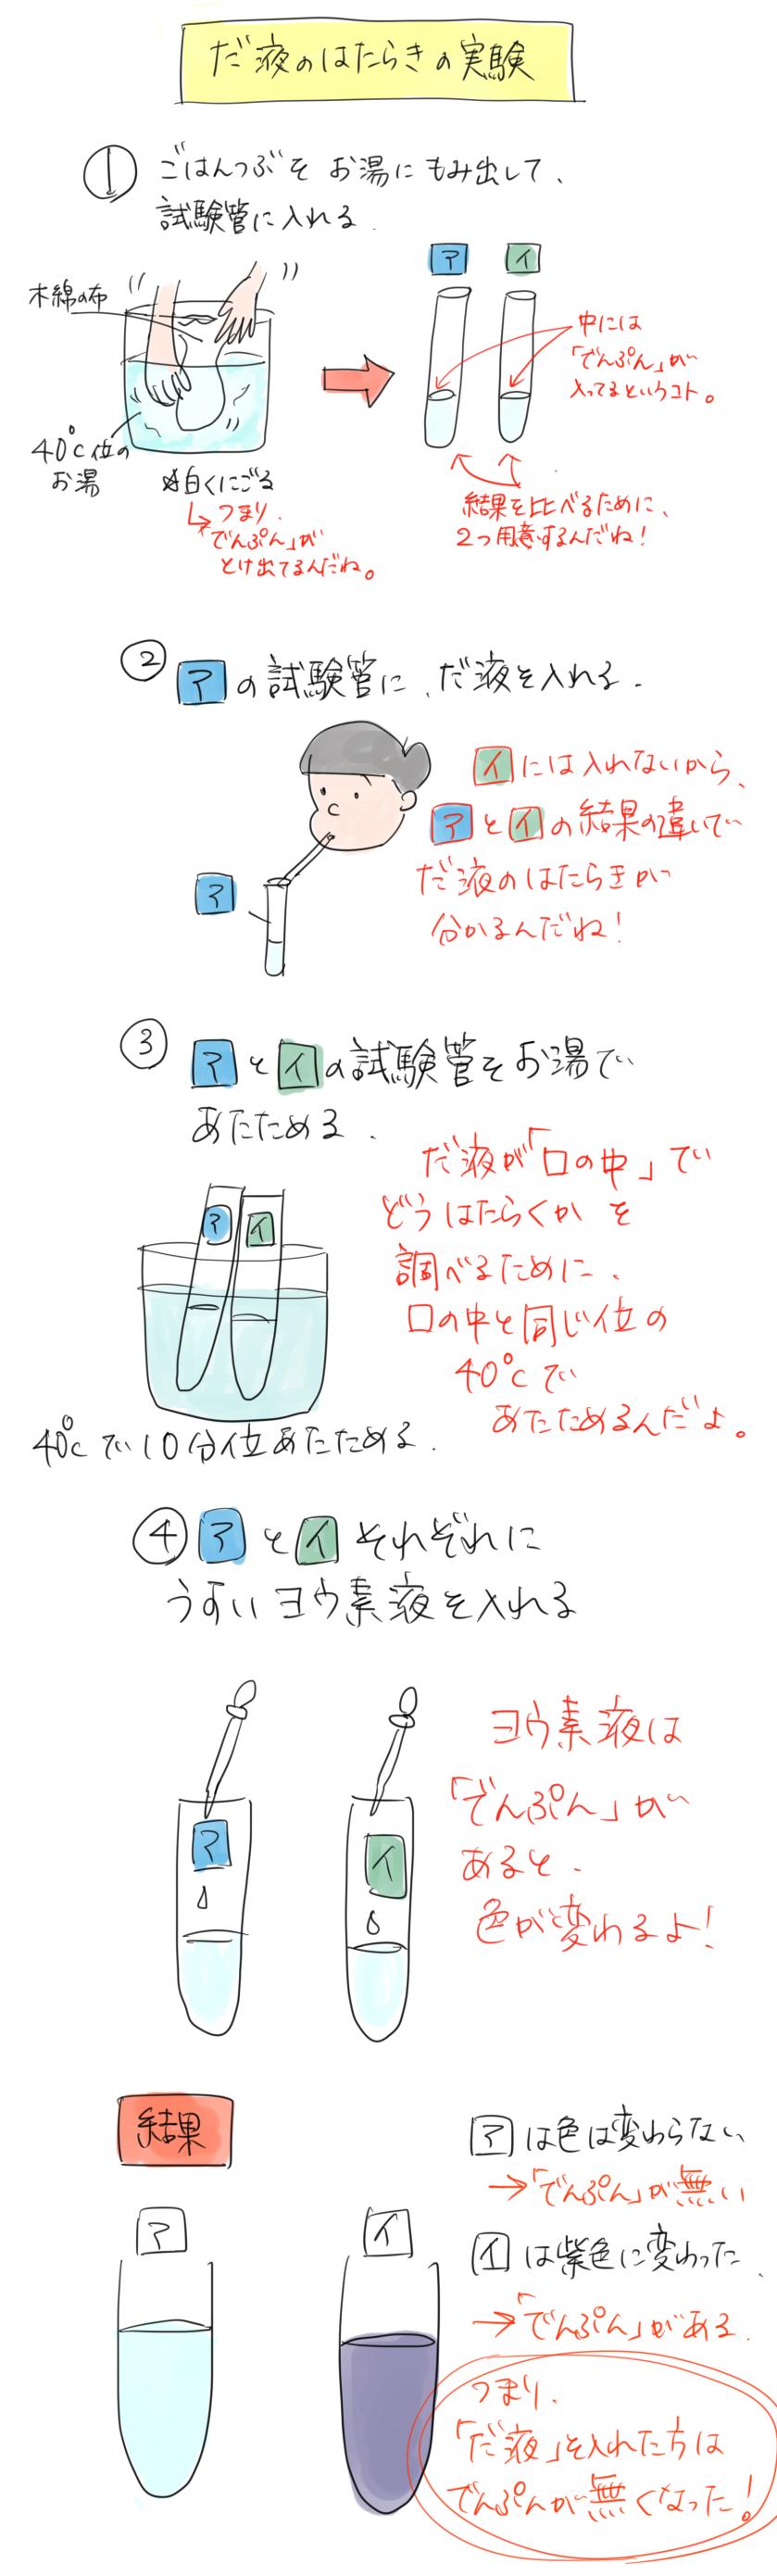 だ液のはたらきの実験のイラスト